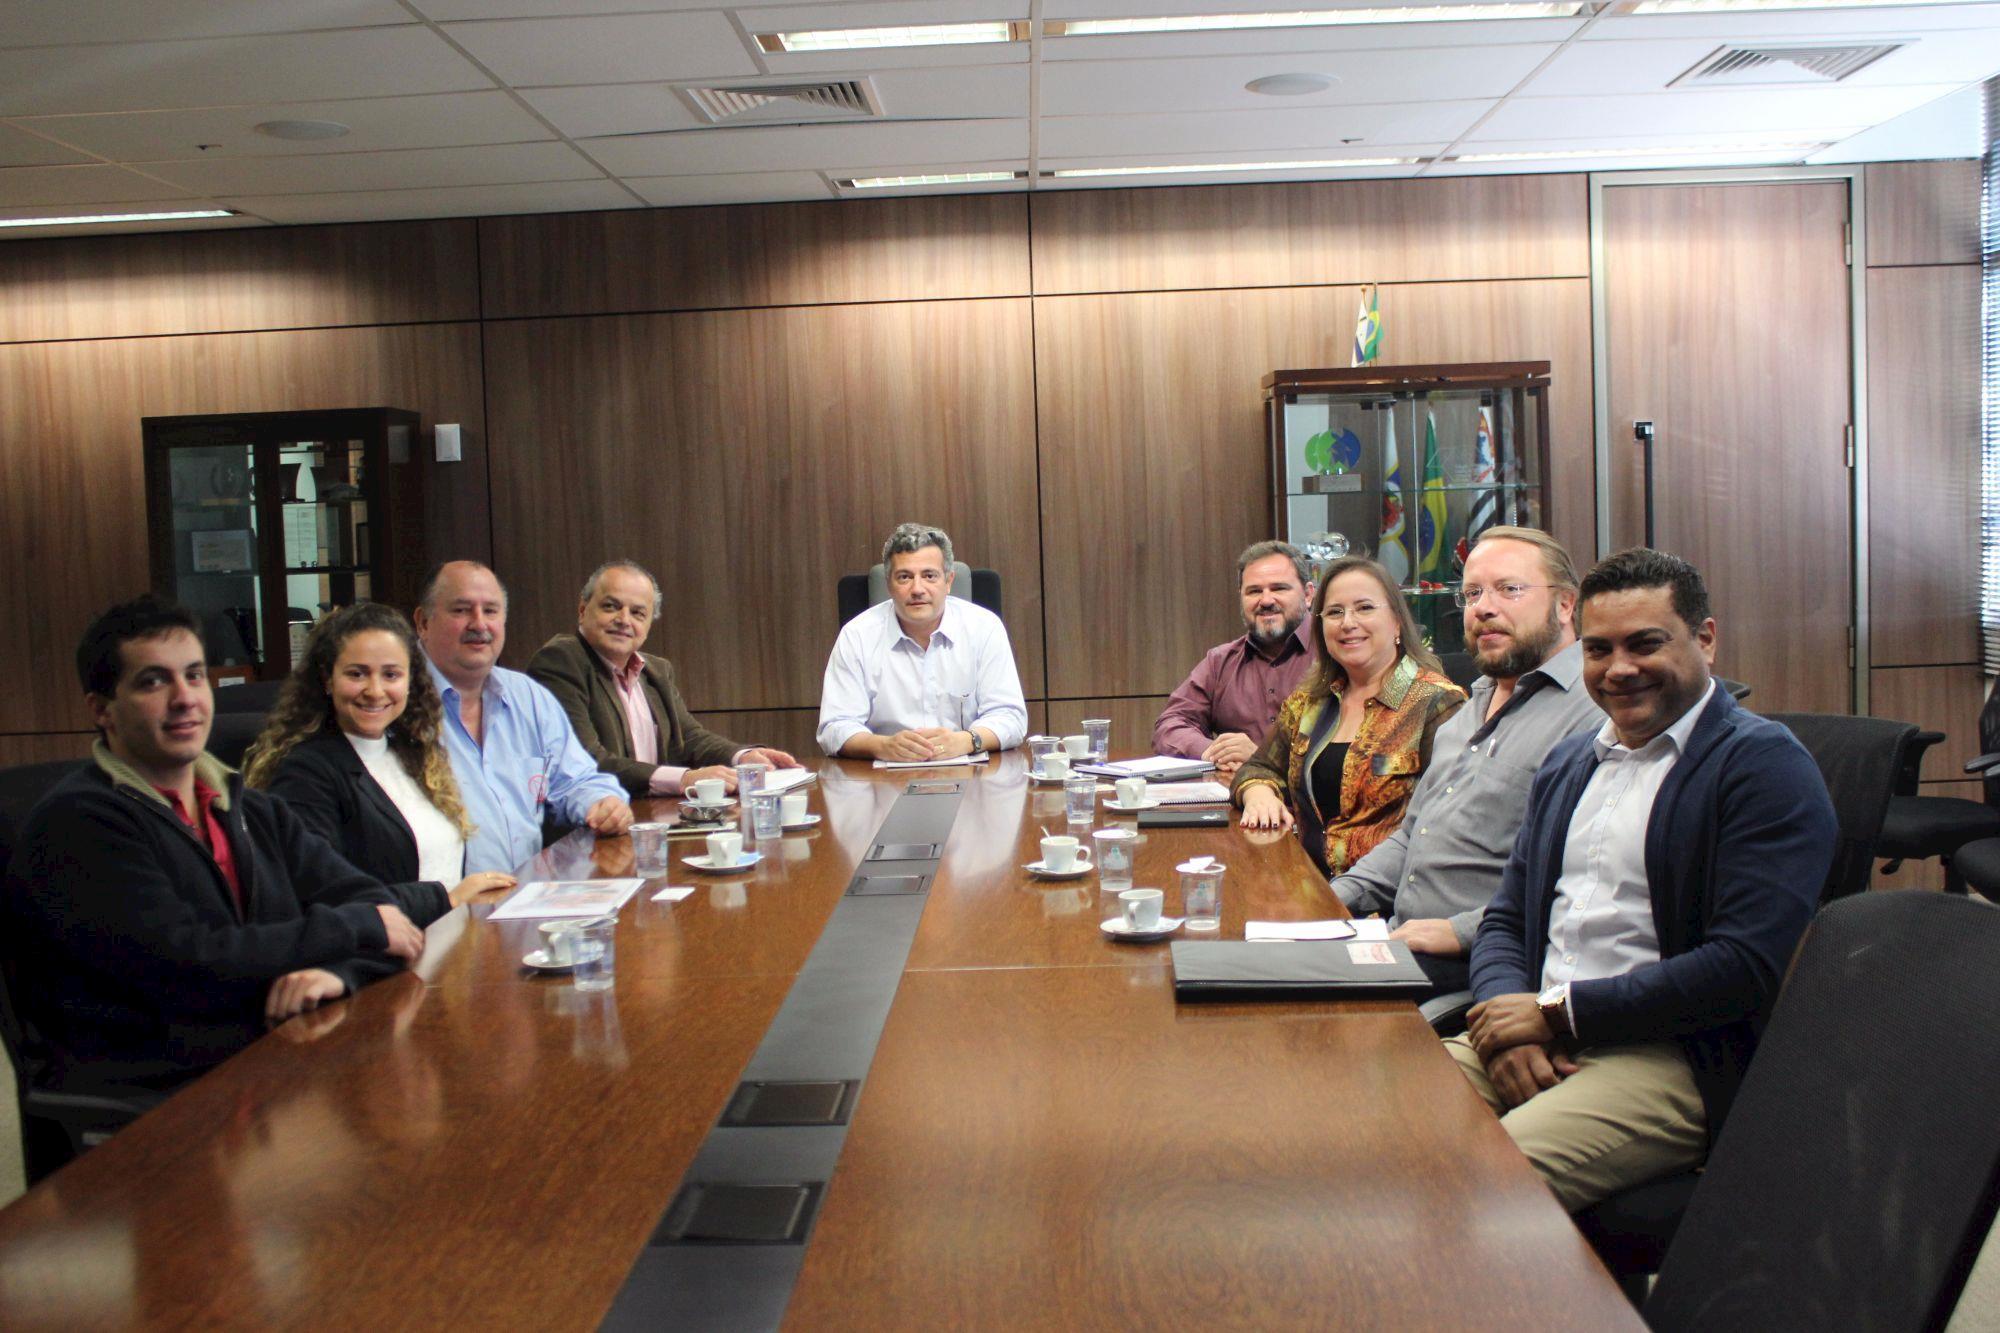 APCS se reúne com prefeito de Itu para propor inserção da carne suína em escolas municipais , APCS se reúne com prefeito de Itu para propor inserção da carne suína em escolas municipais